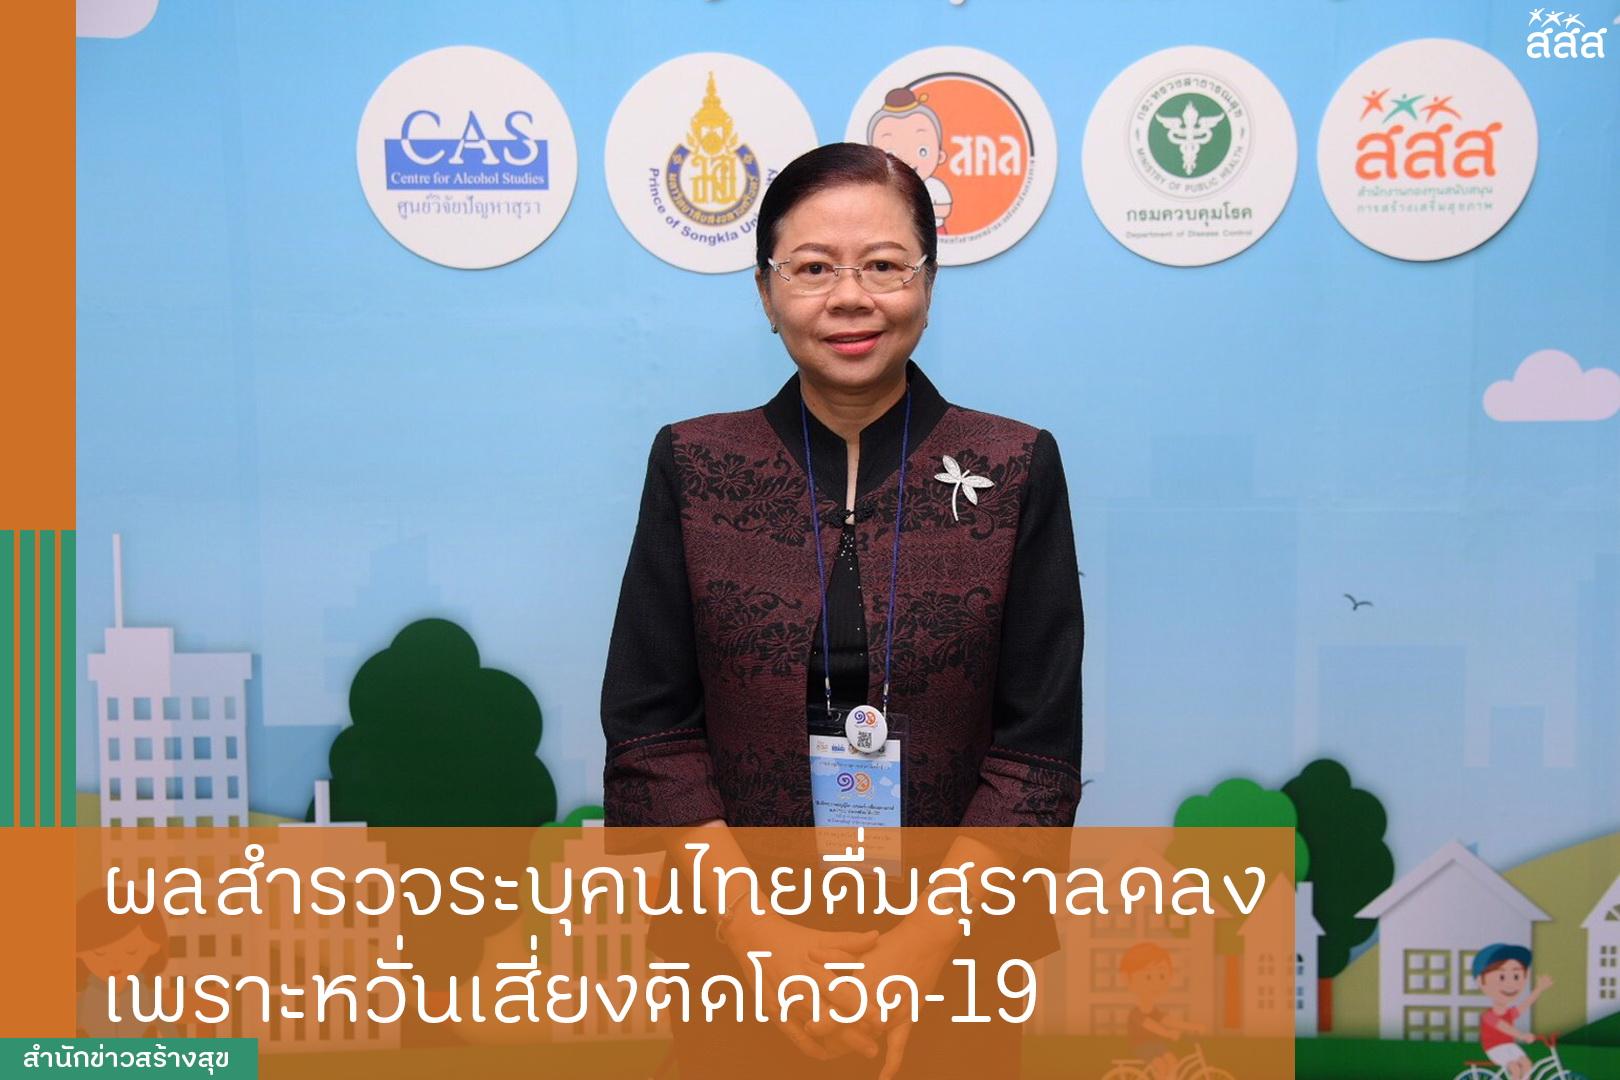 ผลสำรวจระบุ คนไทยดื่มสุราลดลง เพราะหวั่นเสี่ยงติดโควิด-19 thaihealth